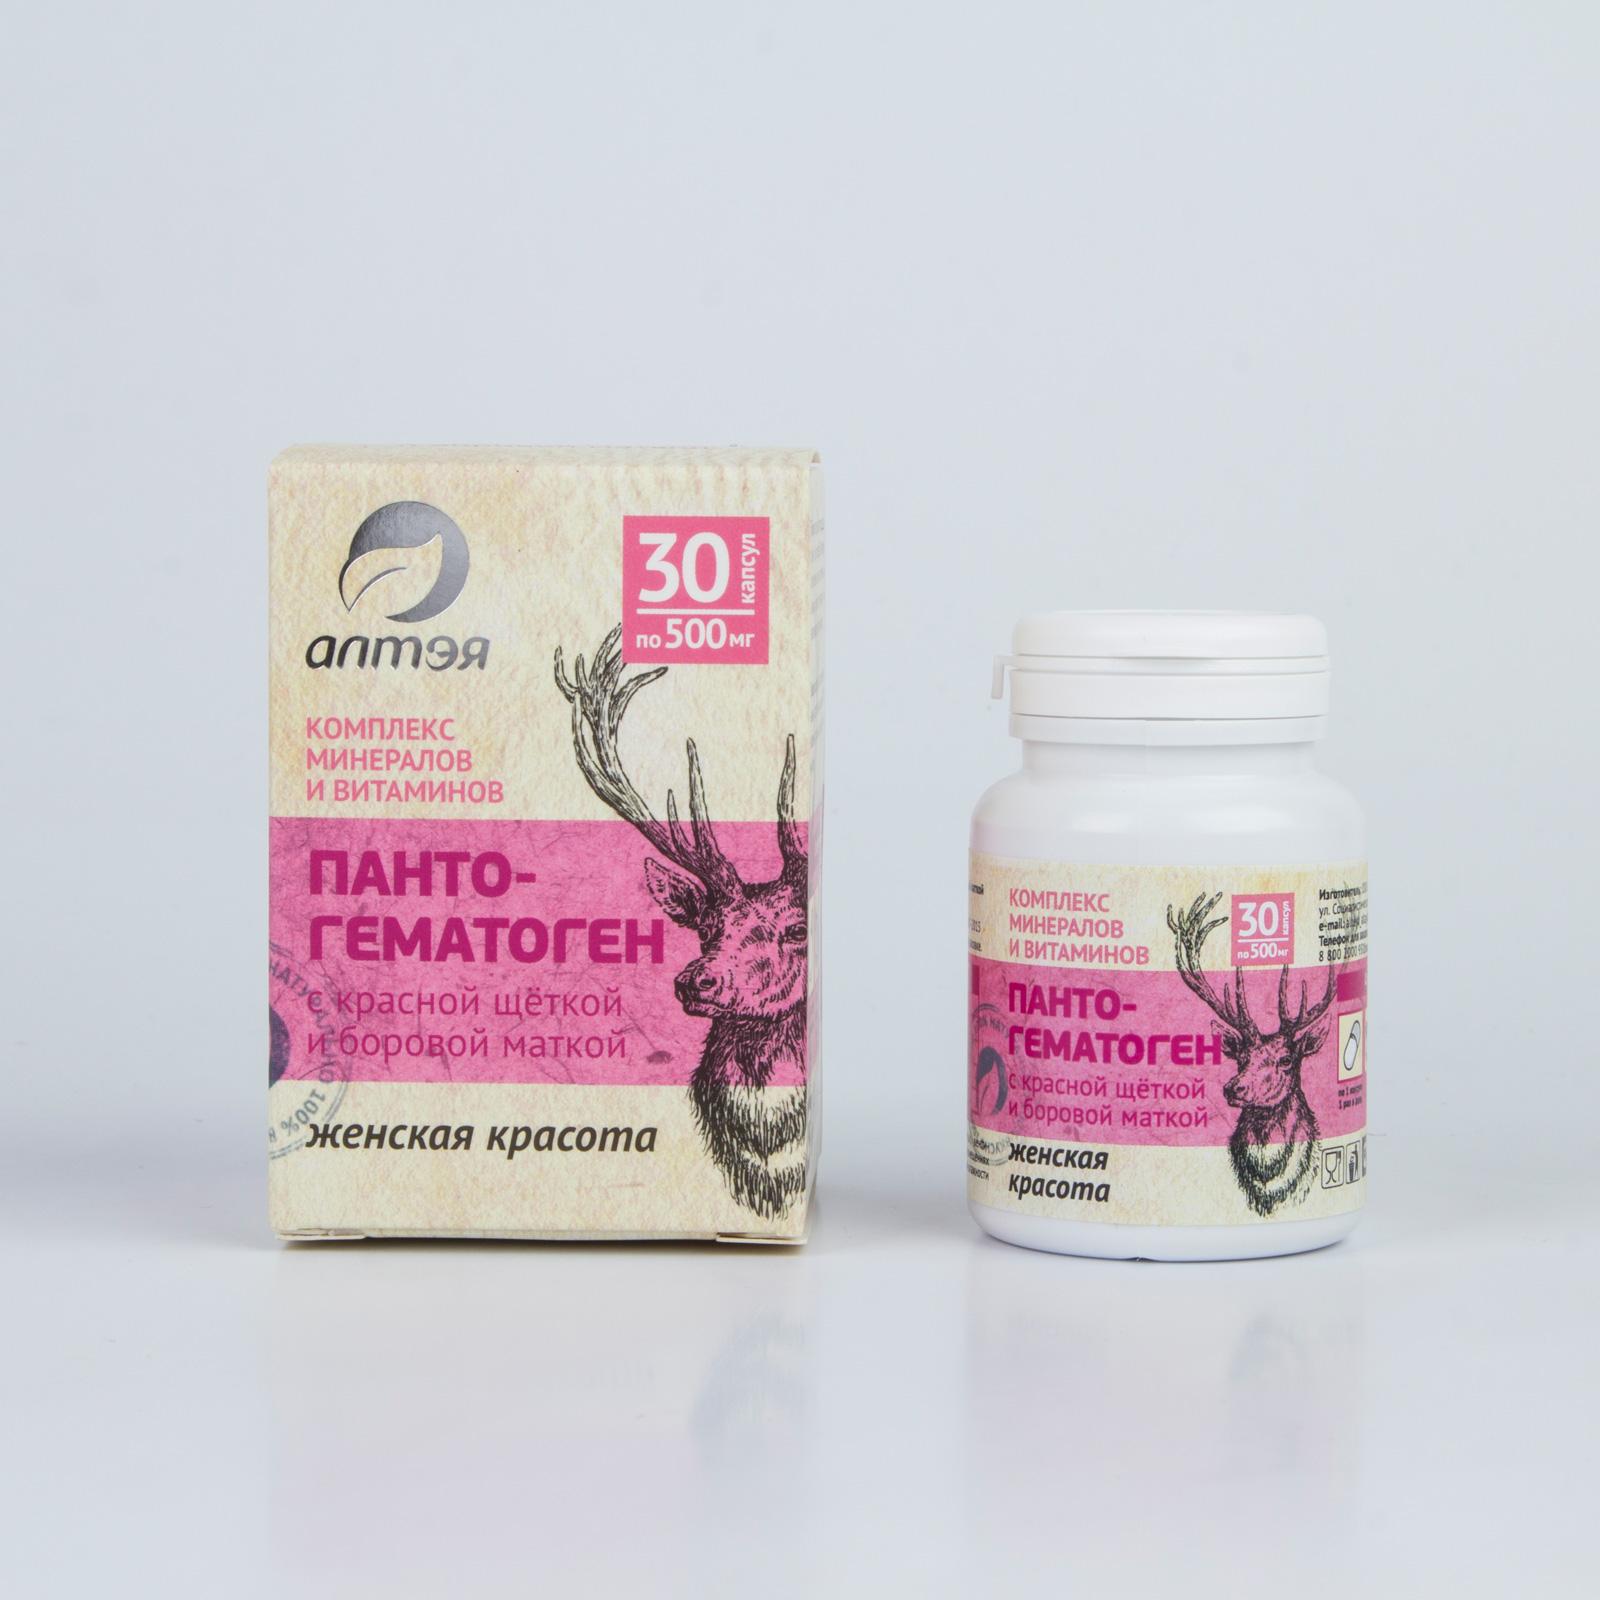 Пантогематоген с красной щёткой и боровой маткой «Женская красота»